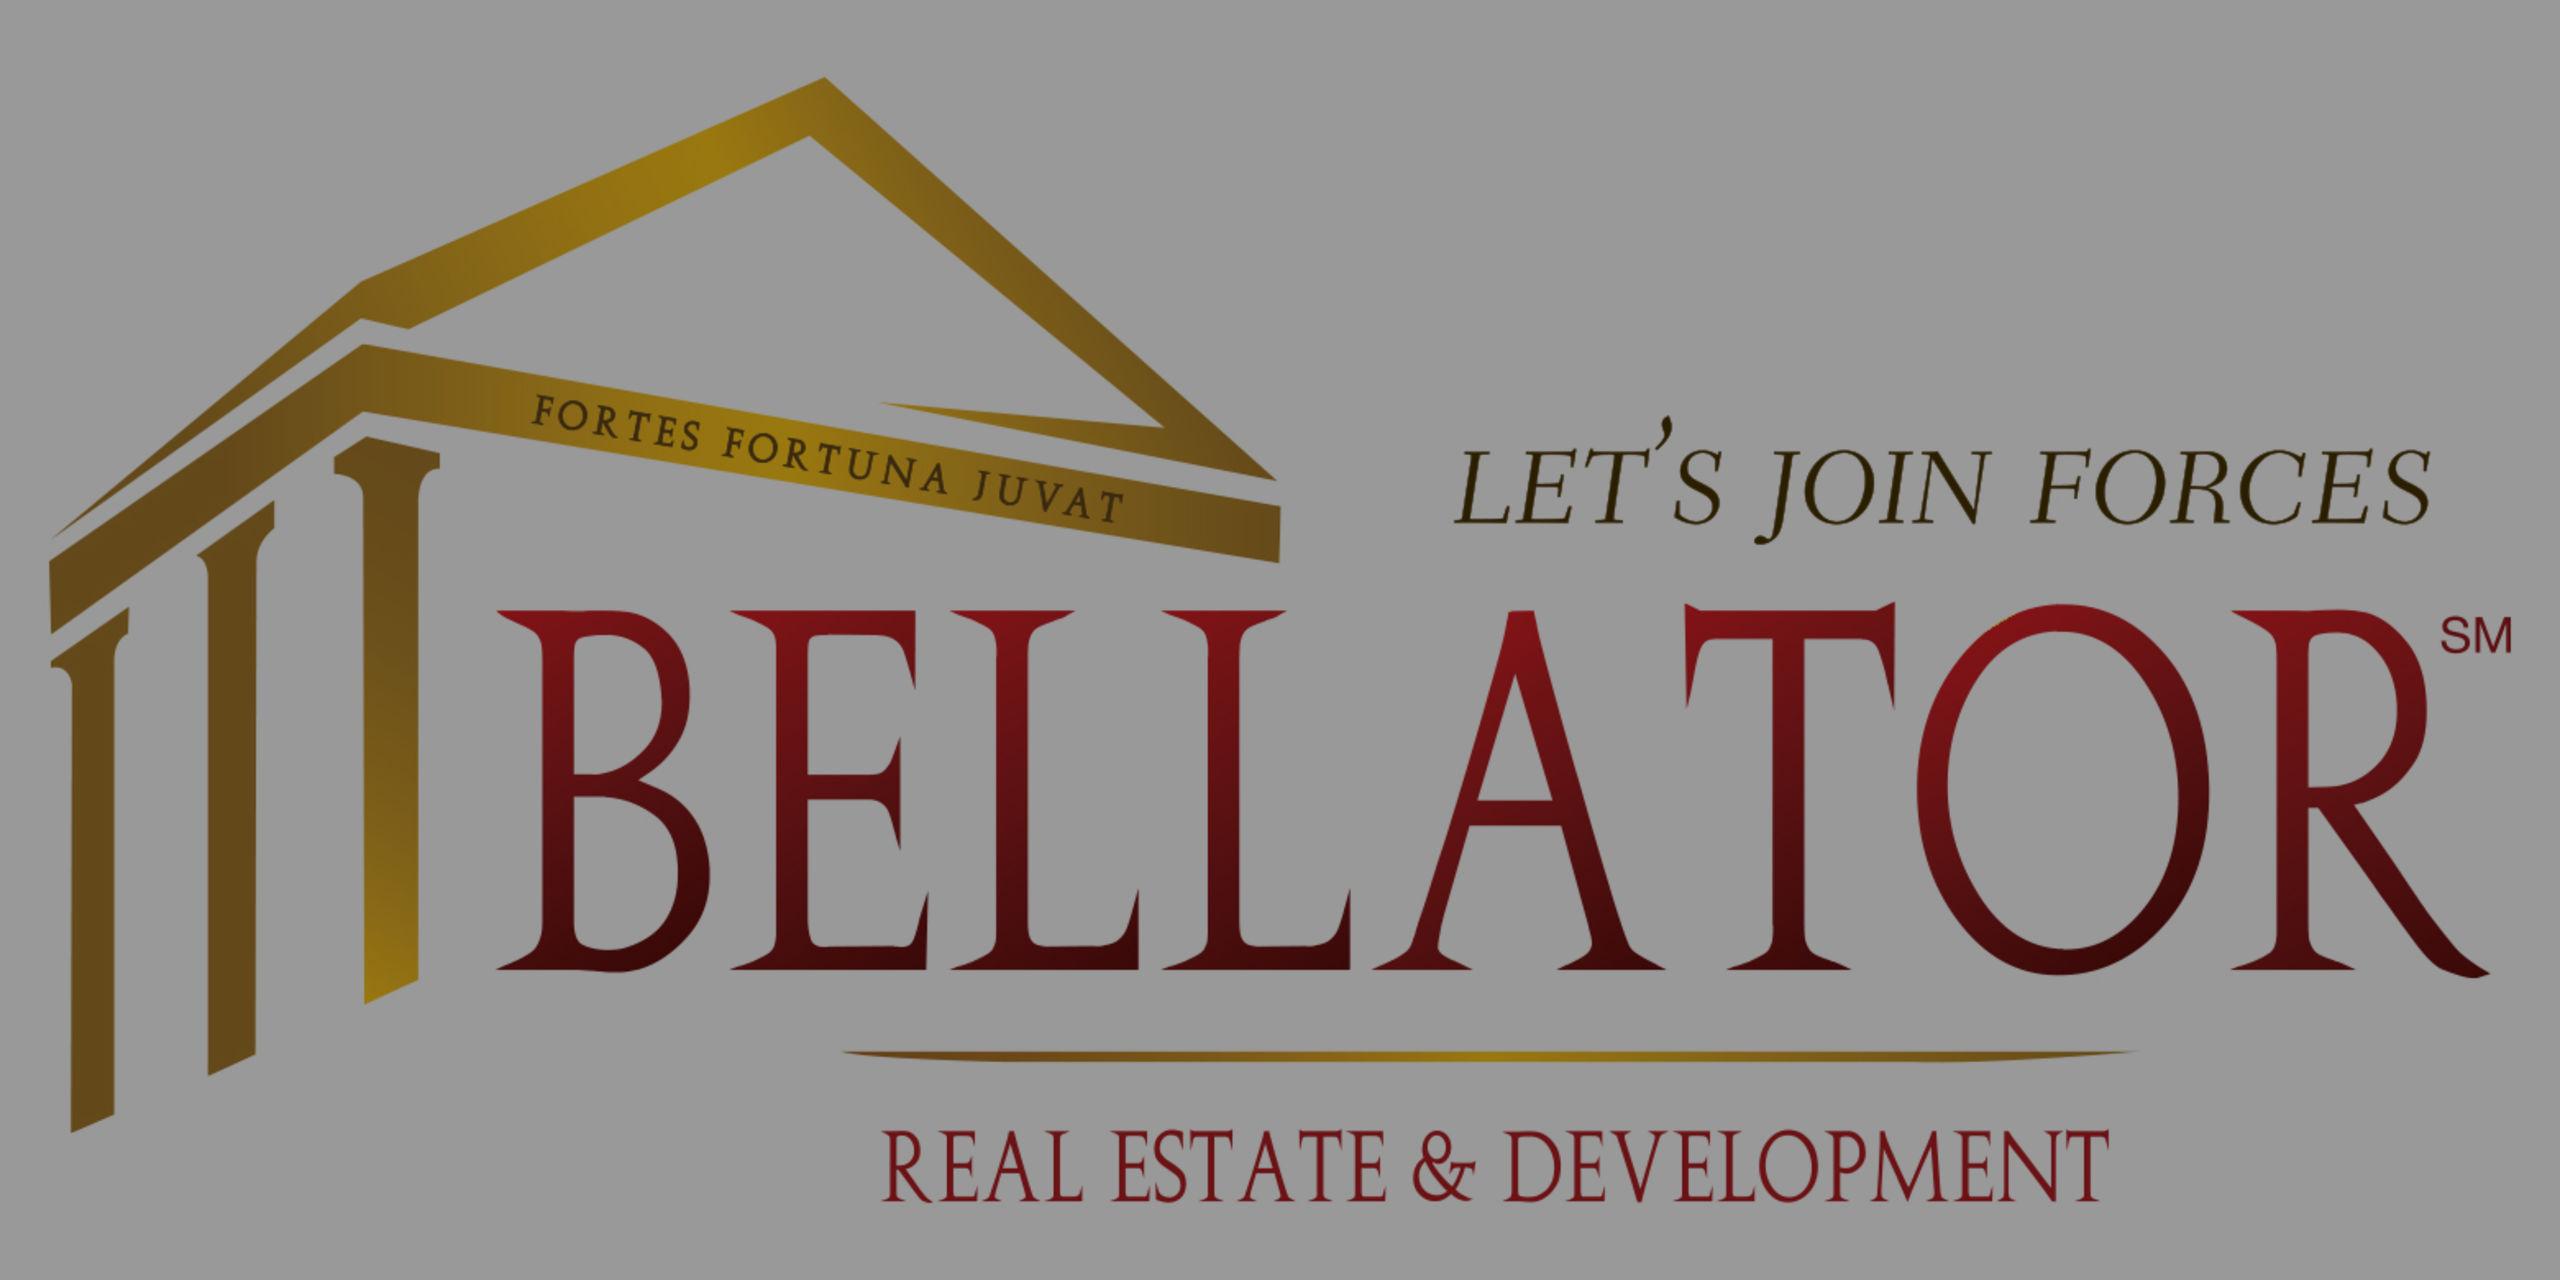 Bellator Real Estate – Company Profile 2017